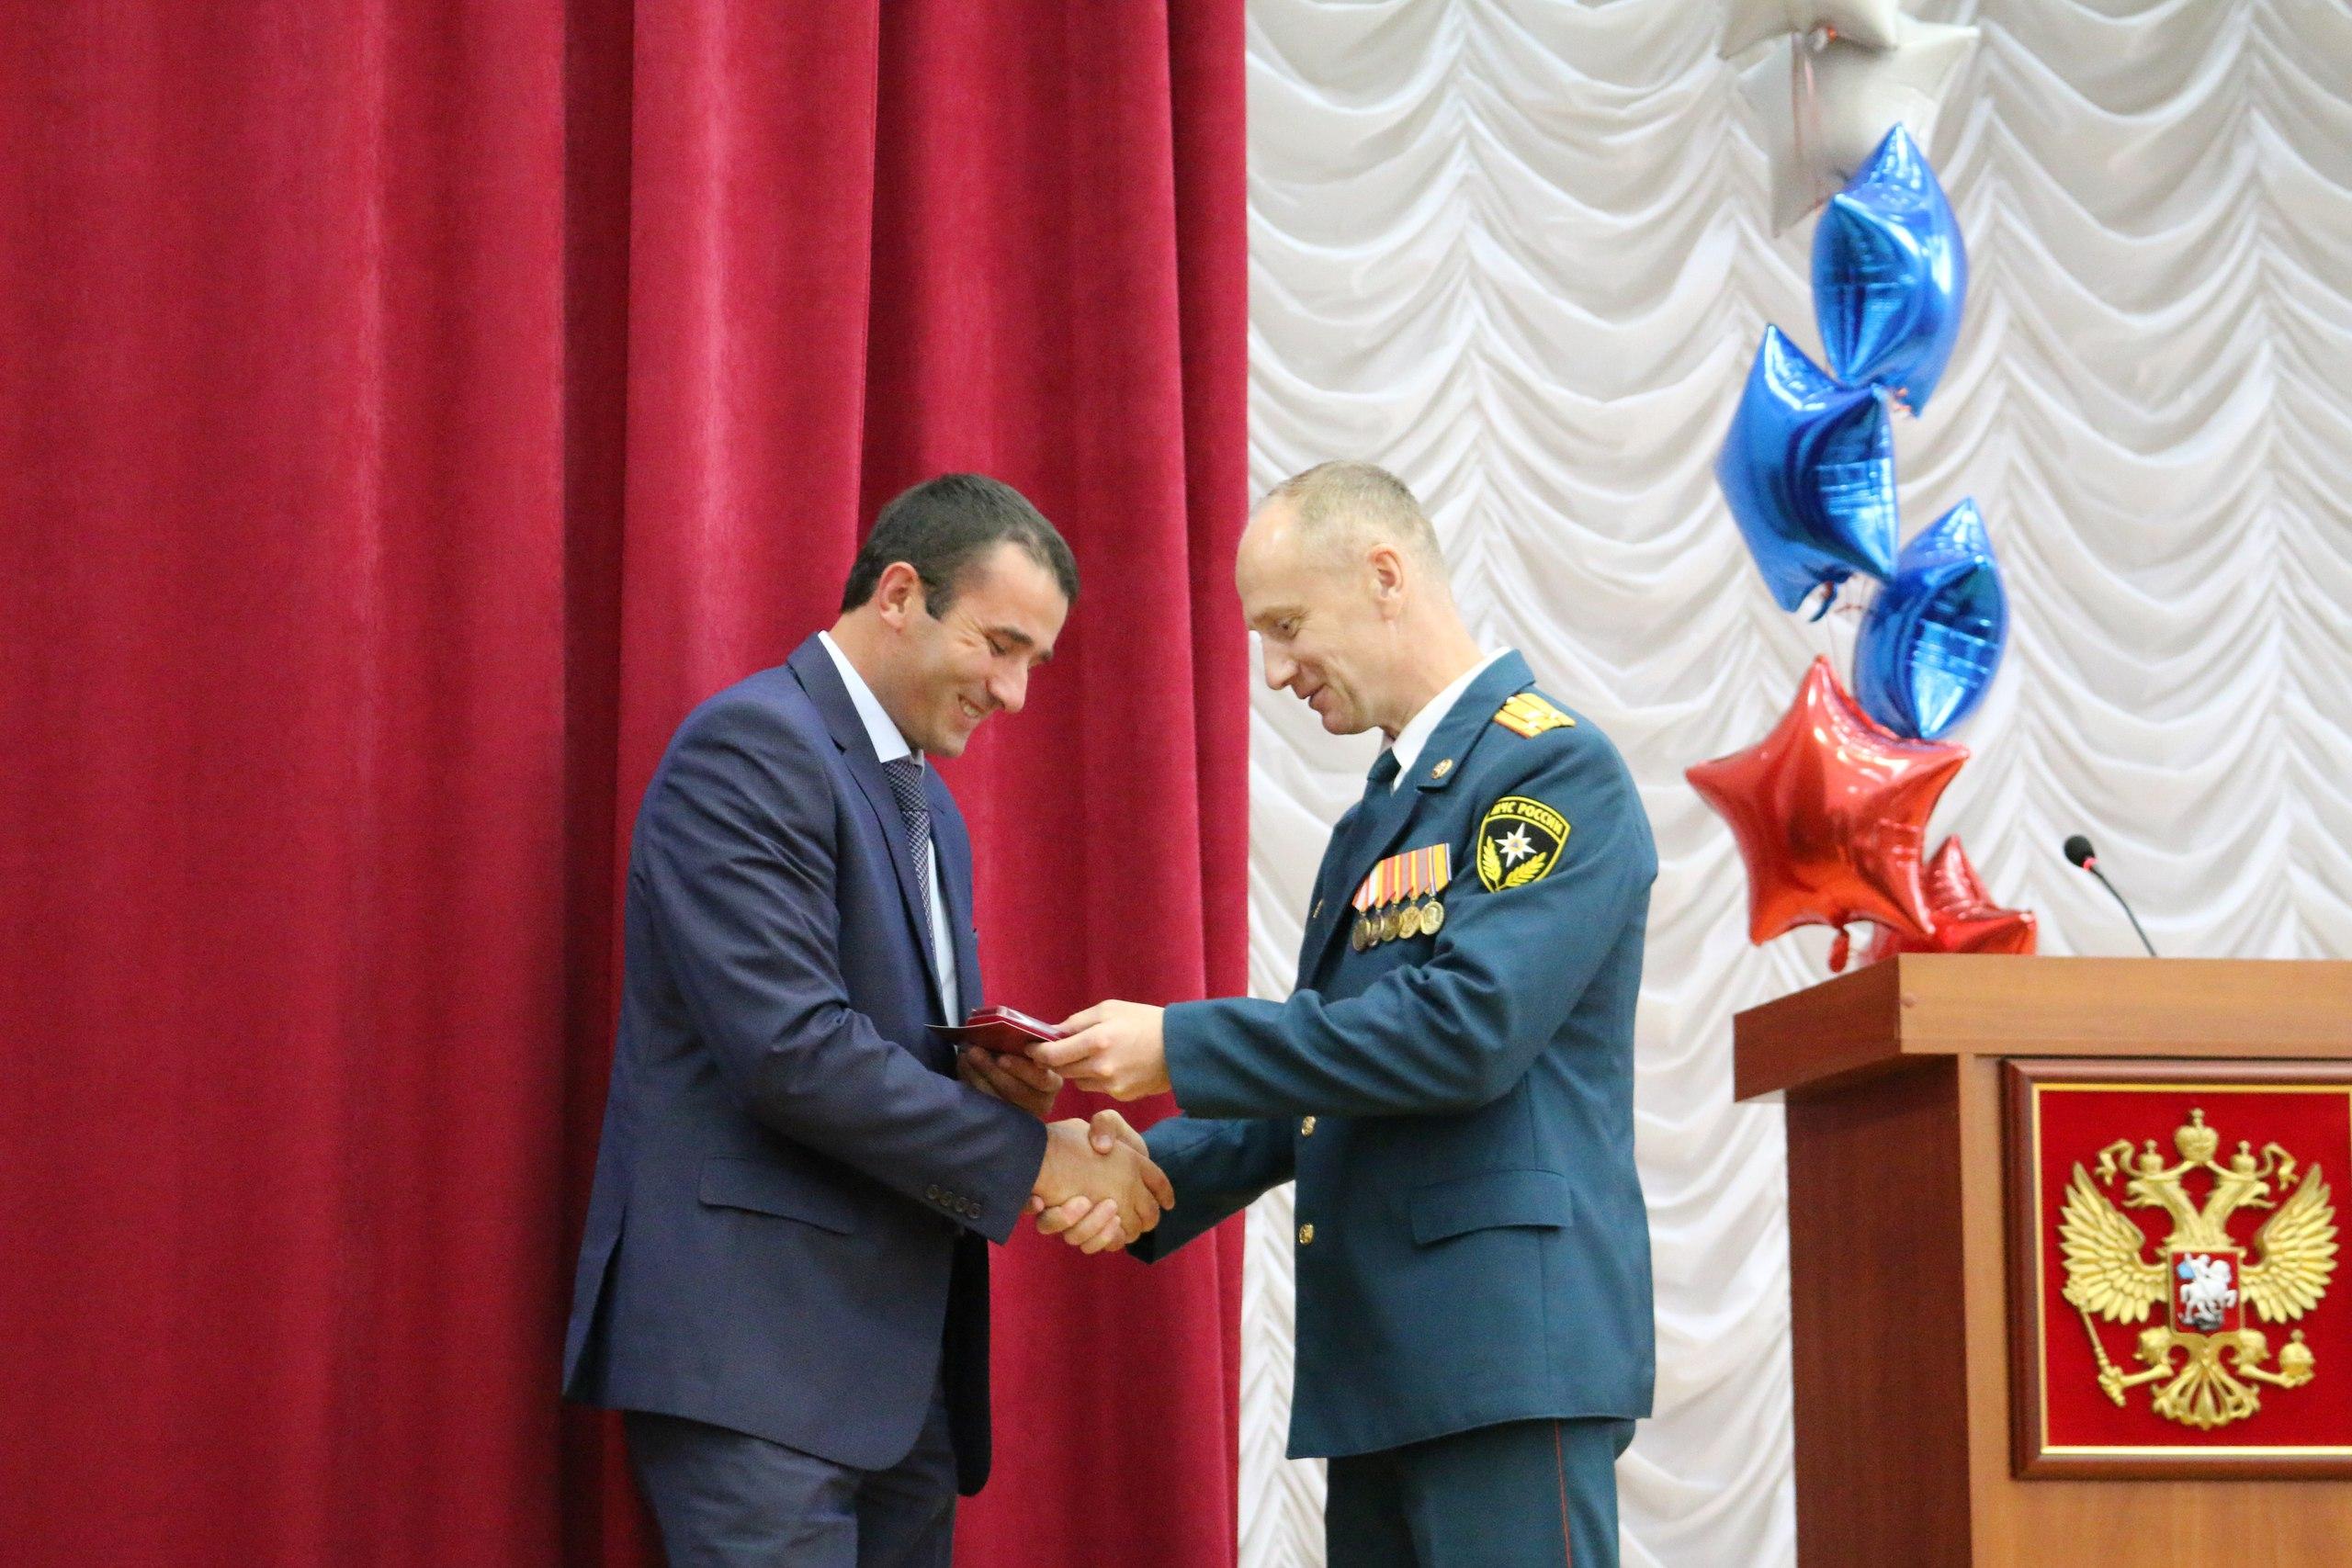 Жители Зеленчукского района получили медали и грамоты Гражданской обороны России